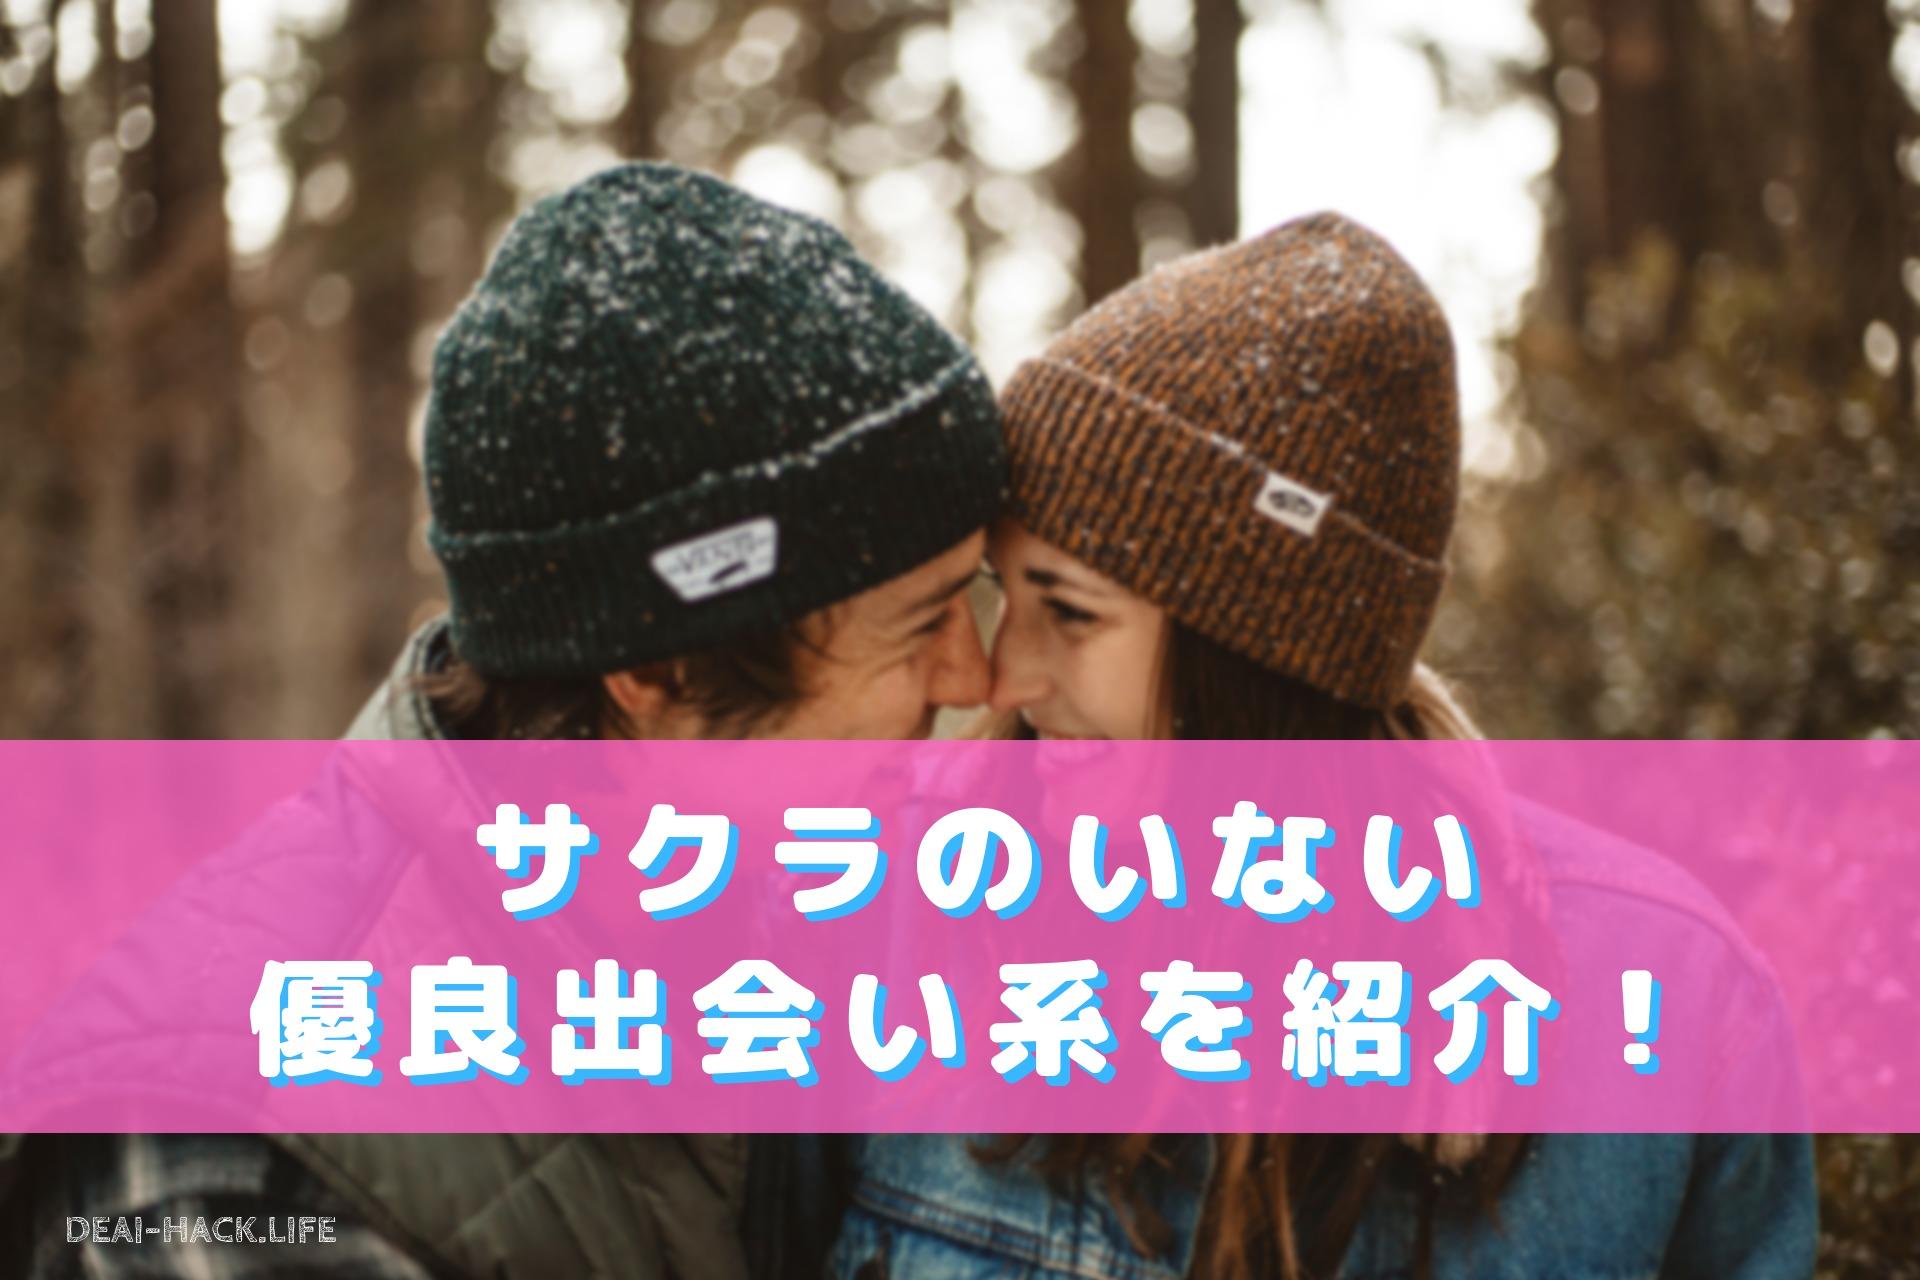 【もうサクラに騙されない!!】サクラのいない優良な出会い系サイト・マッチングアプリ紹介!